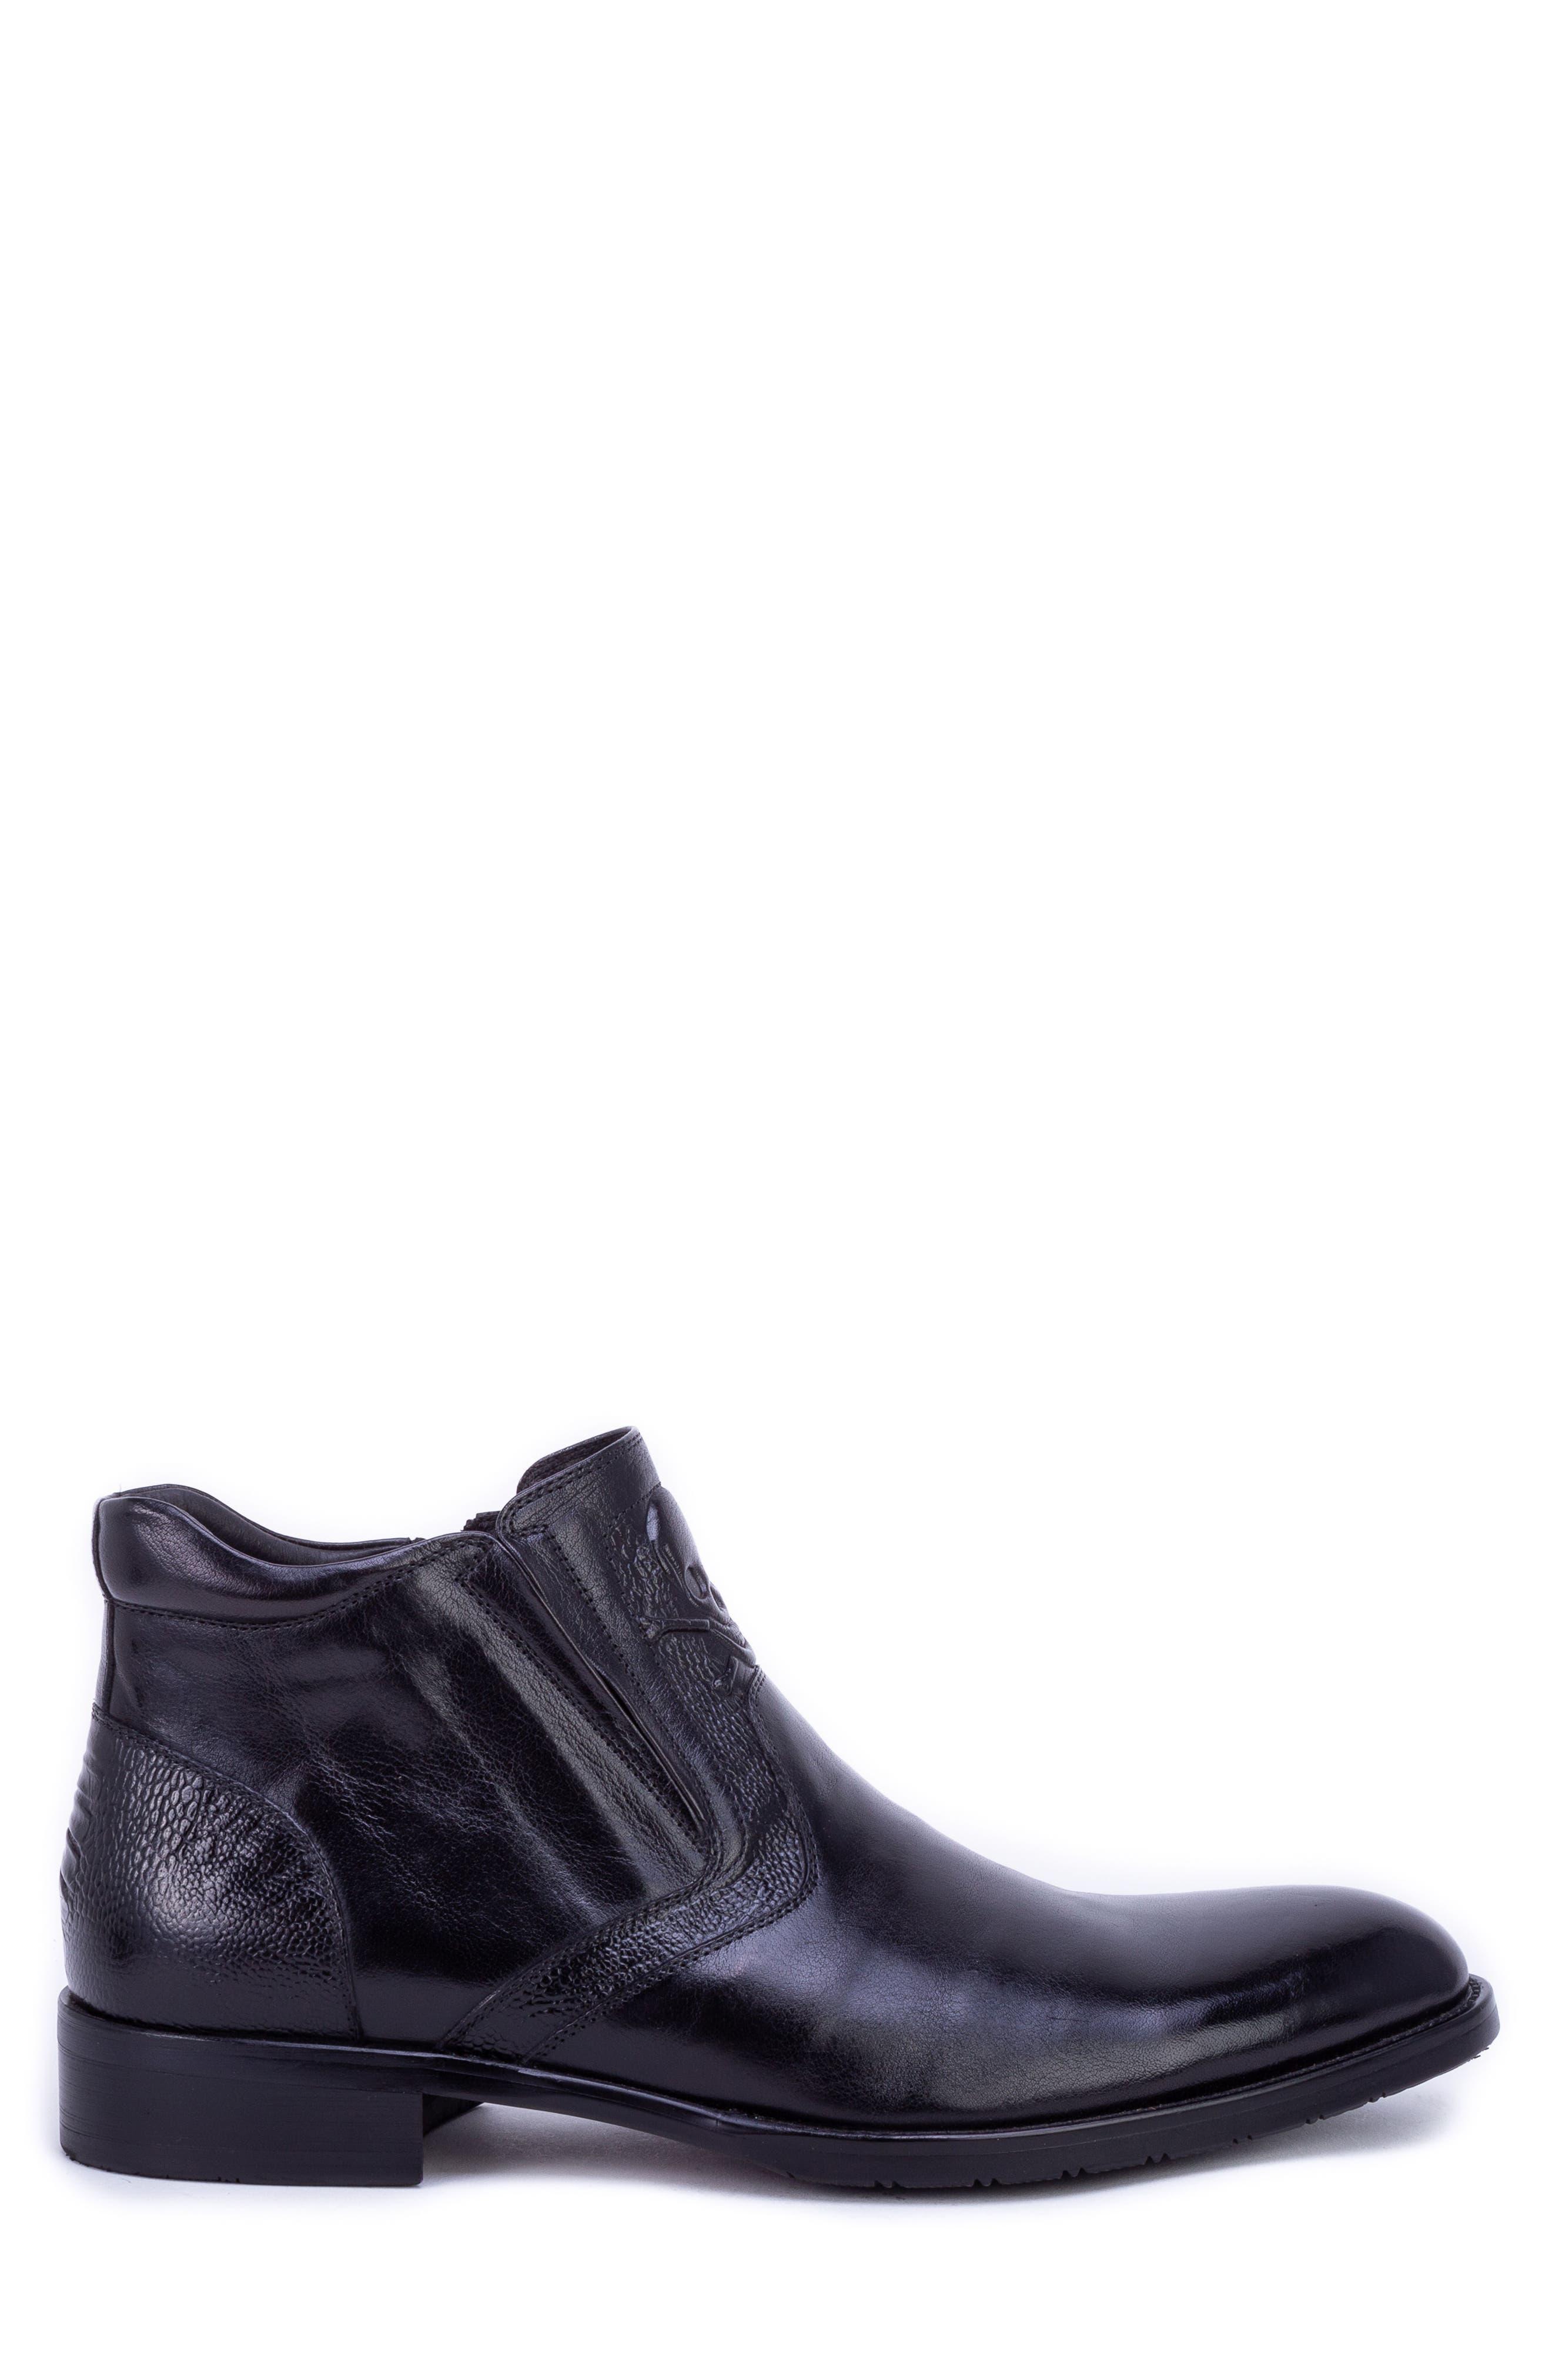 Gordon Skull Embossed Boot,                             Alternate thumbnail 3, color,                             BLACK LEATHER